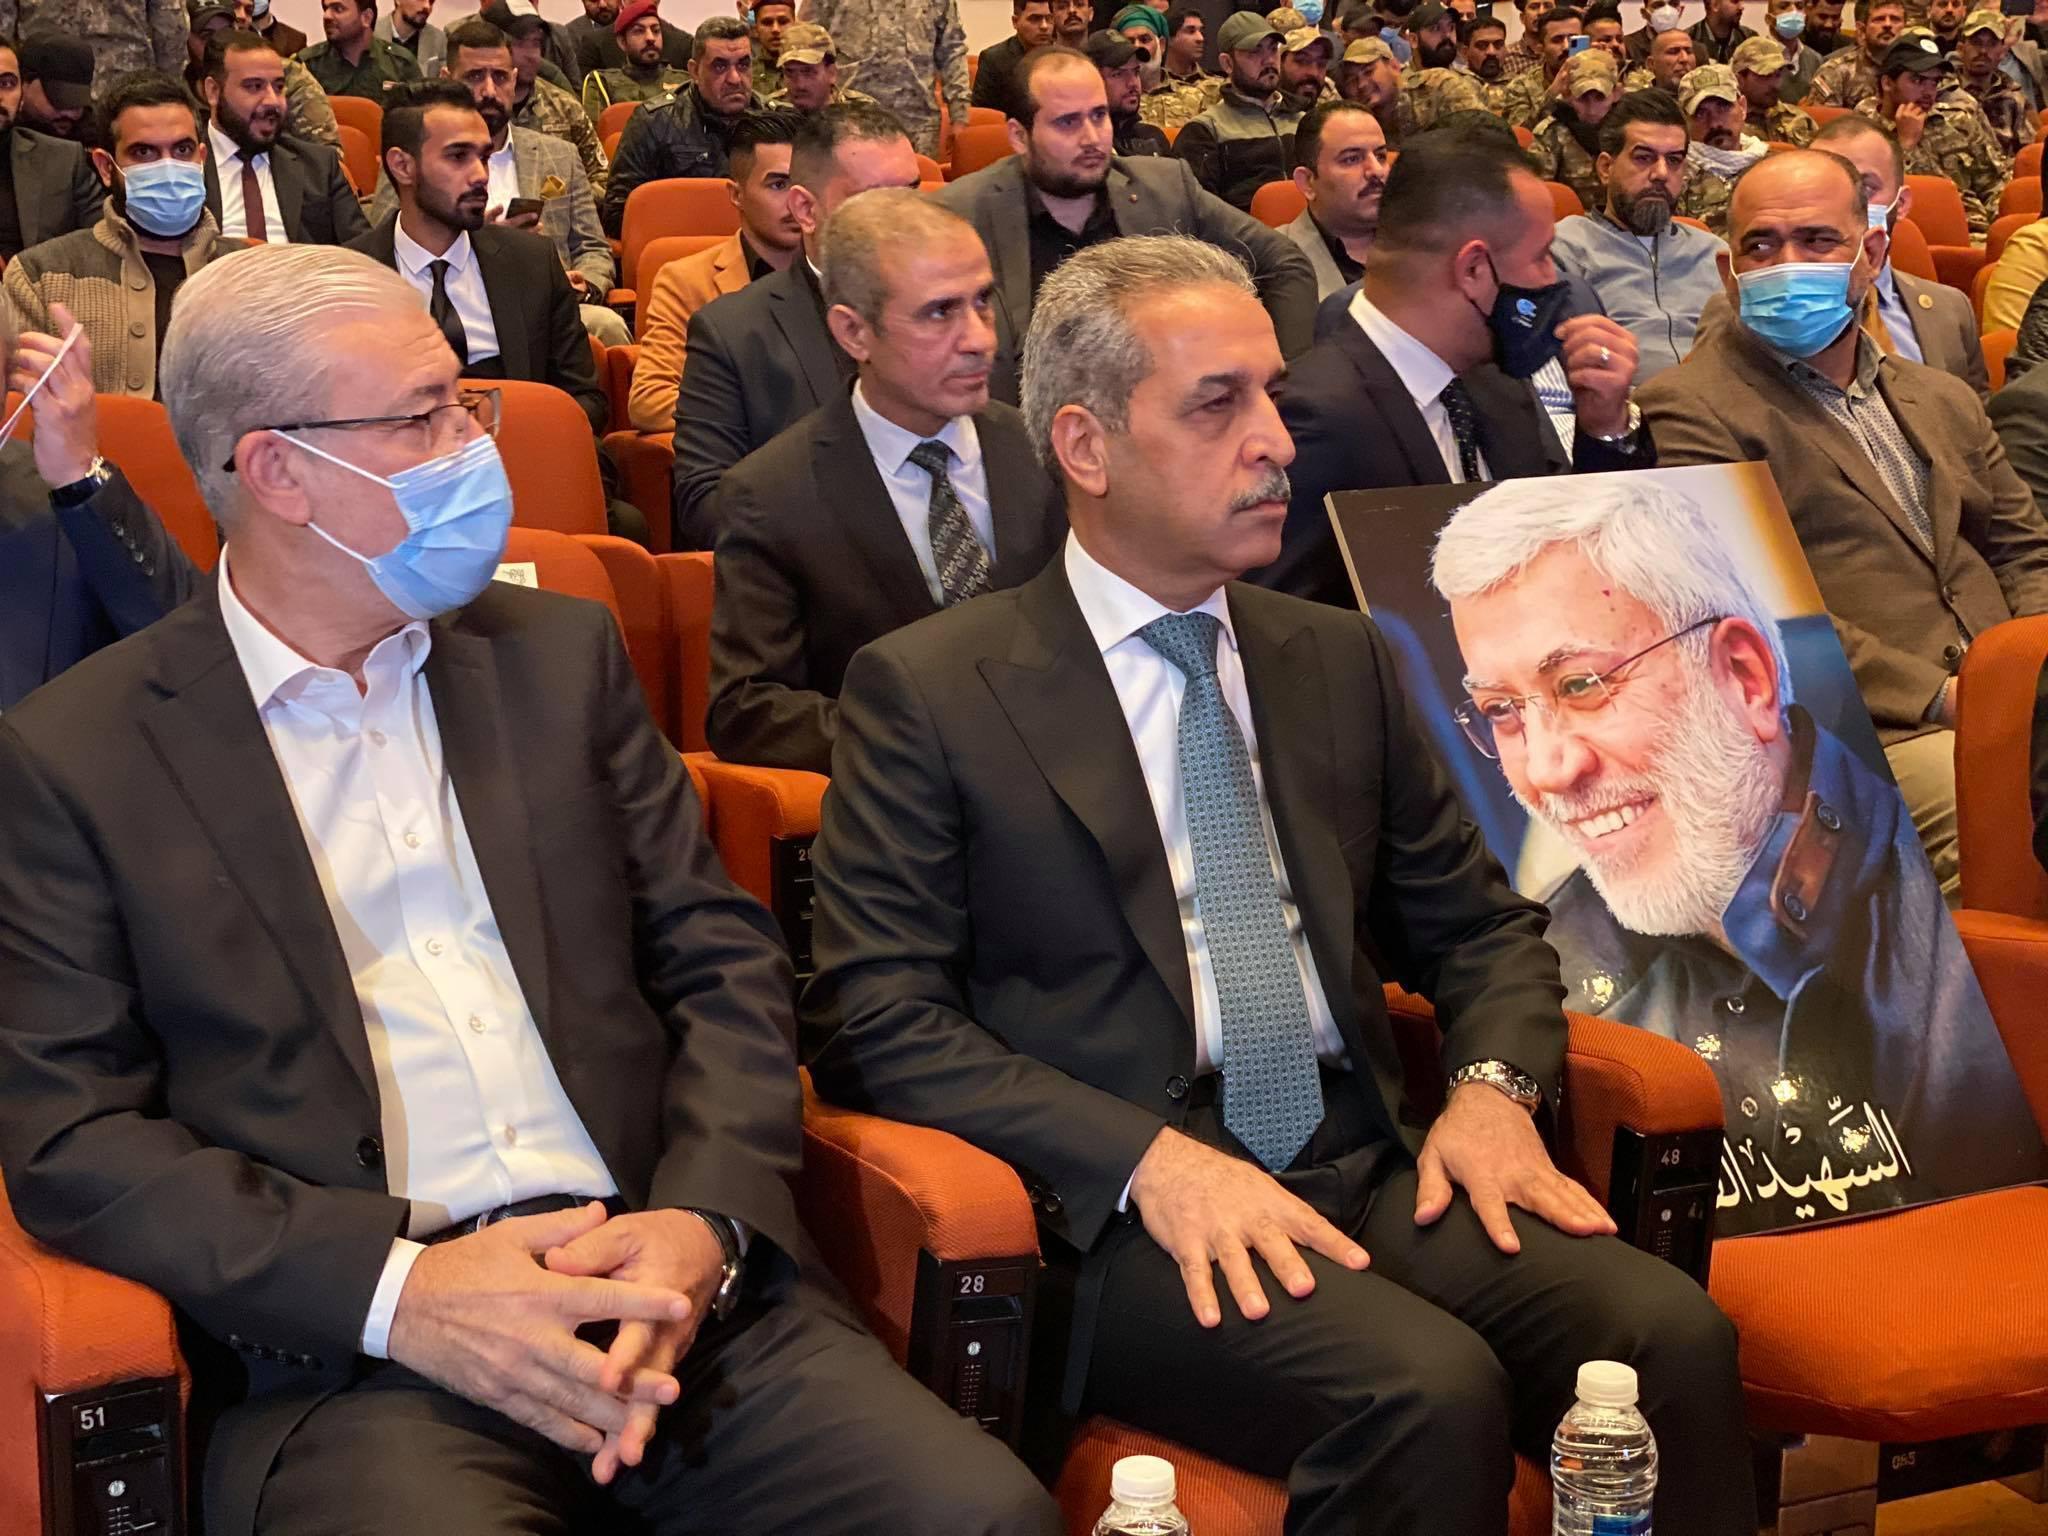 برپایی نمایشگاه ویژه سالگرد شهادت سردار سلیمانی و المهندس در عراق+ تصاویر